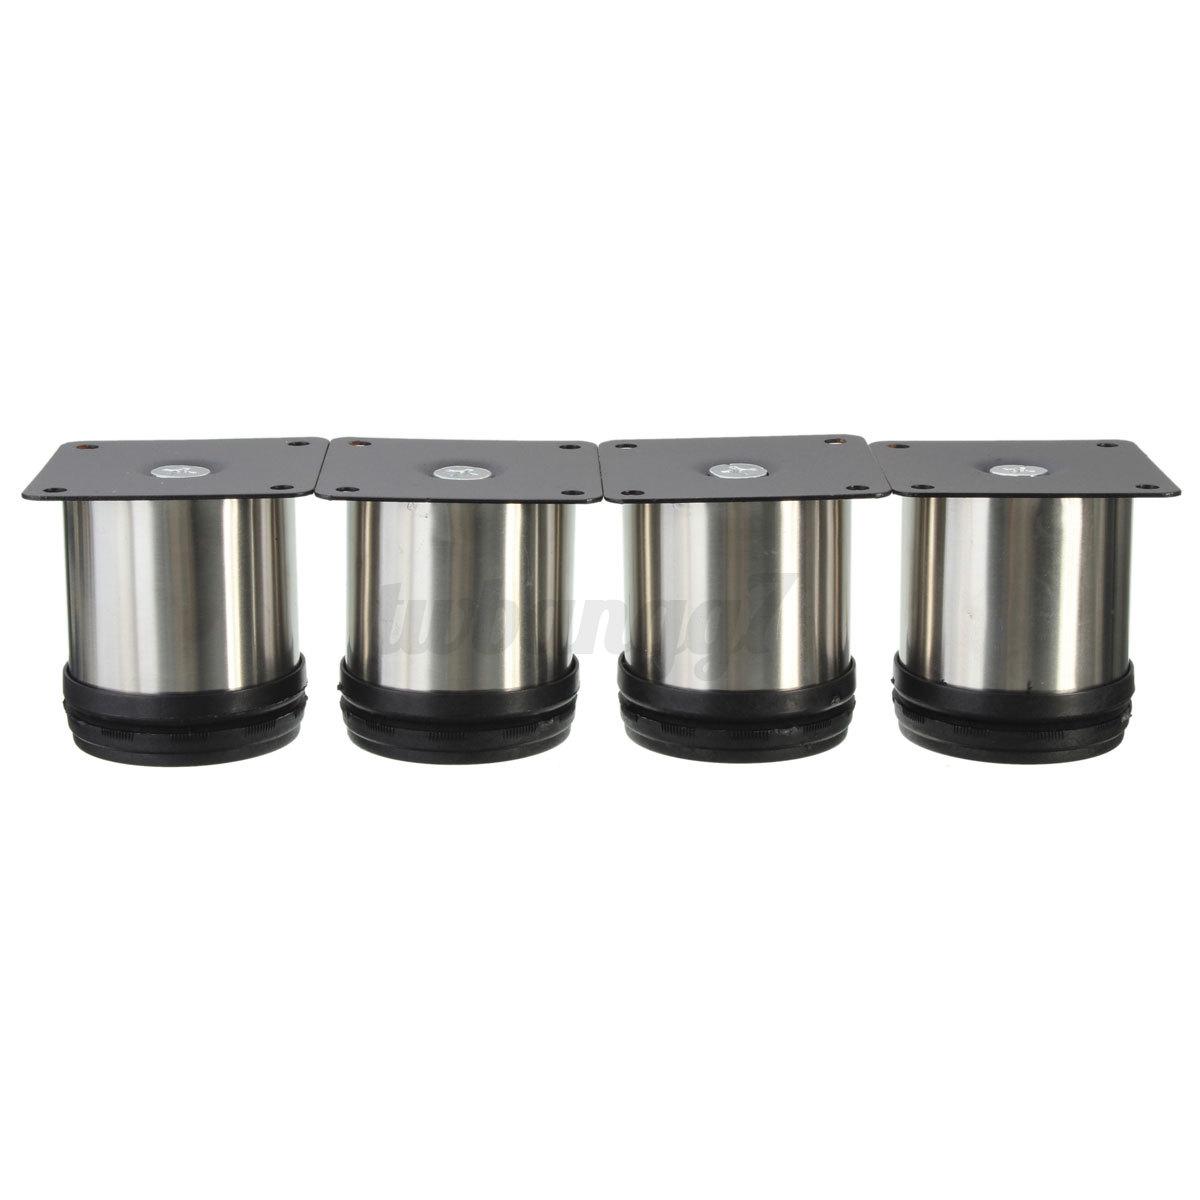 4x adjustable cabinet plinth legs stainless steel kitchen - Kitchen cabinet feet ...